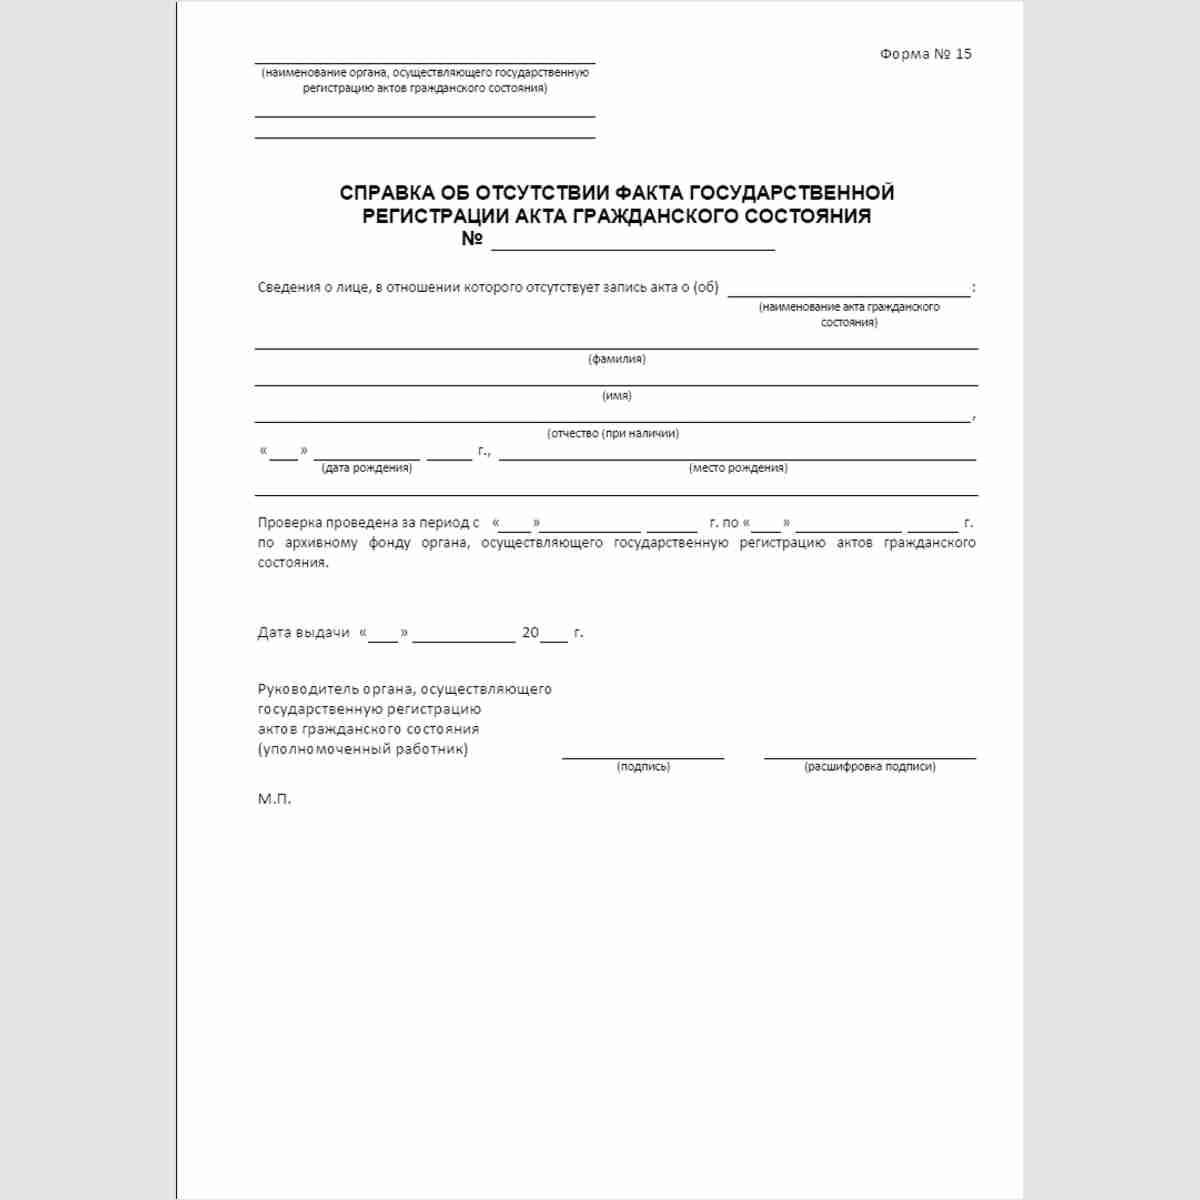 """Форма №15 """"Справка об отсутствии факта государственной регистрации акта гражданского состояния"""""""